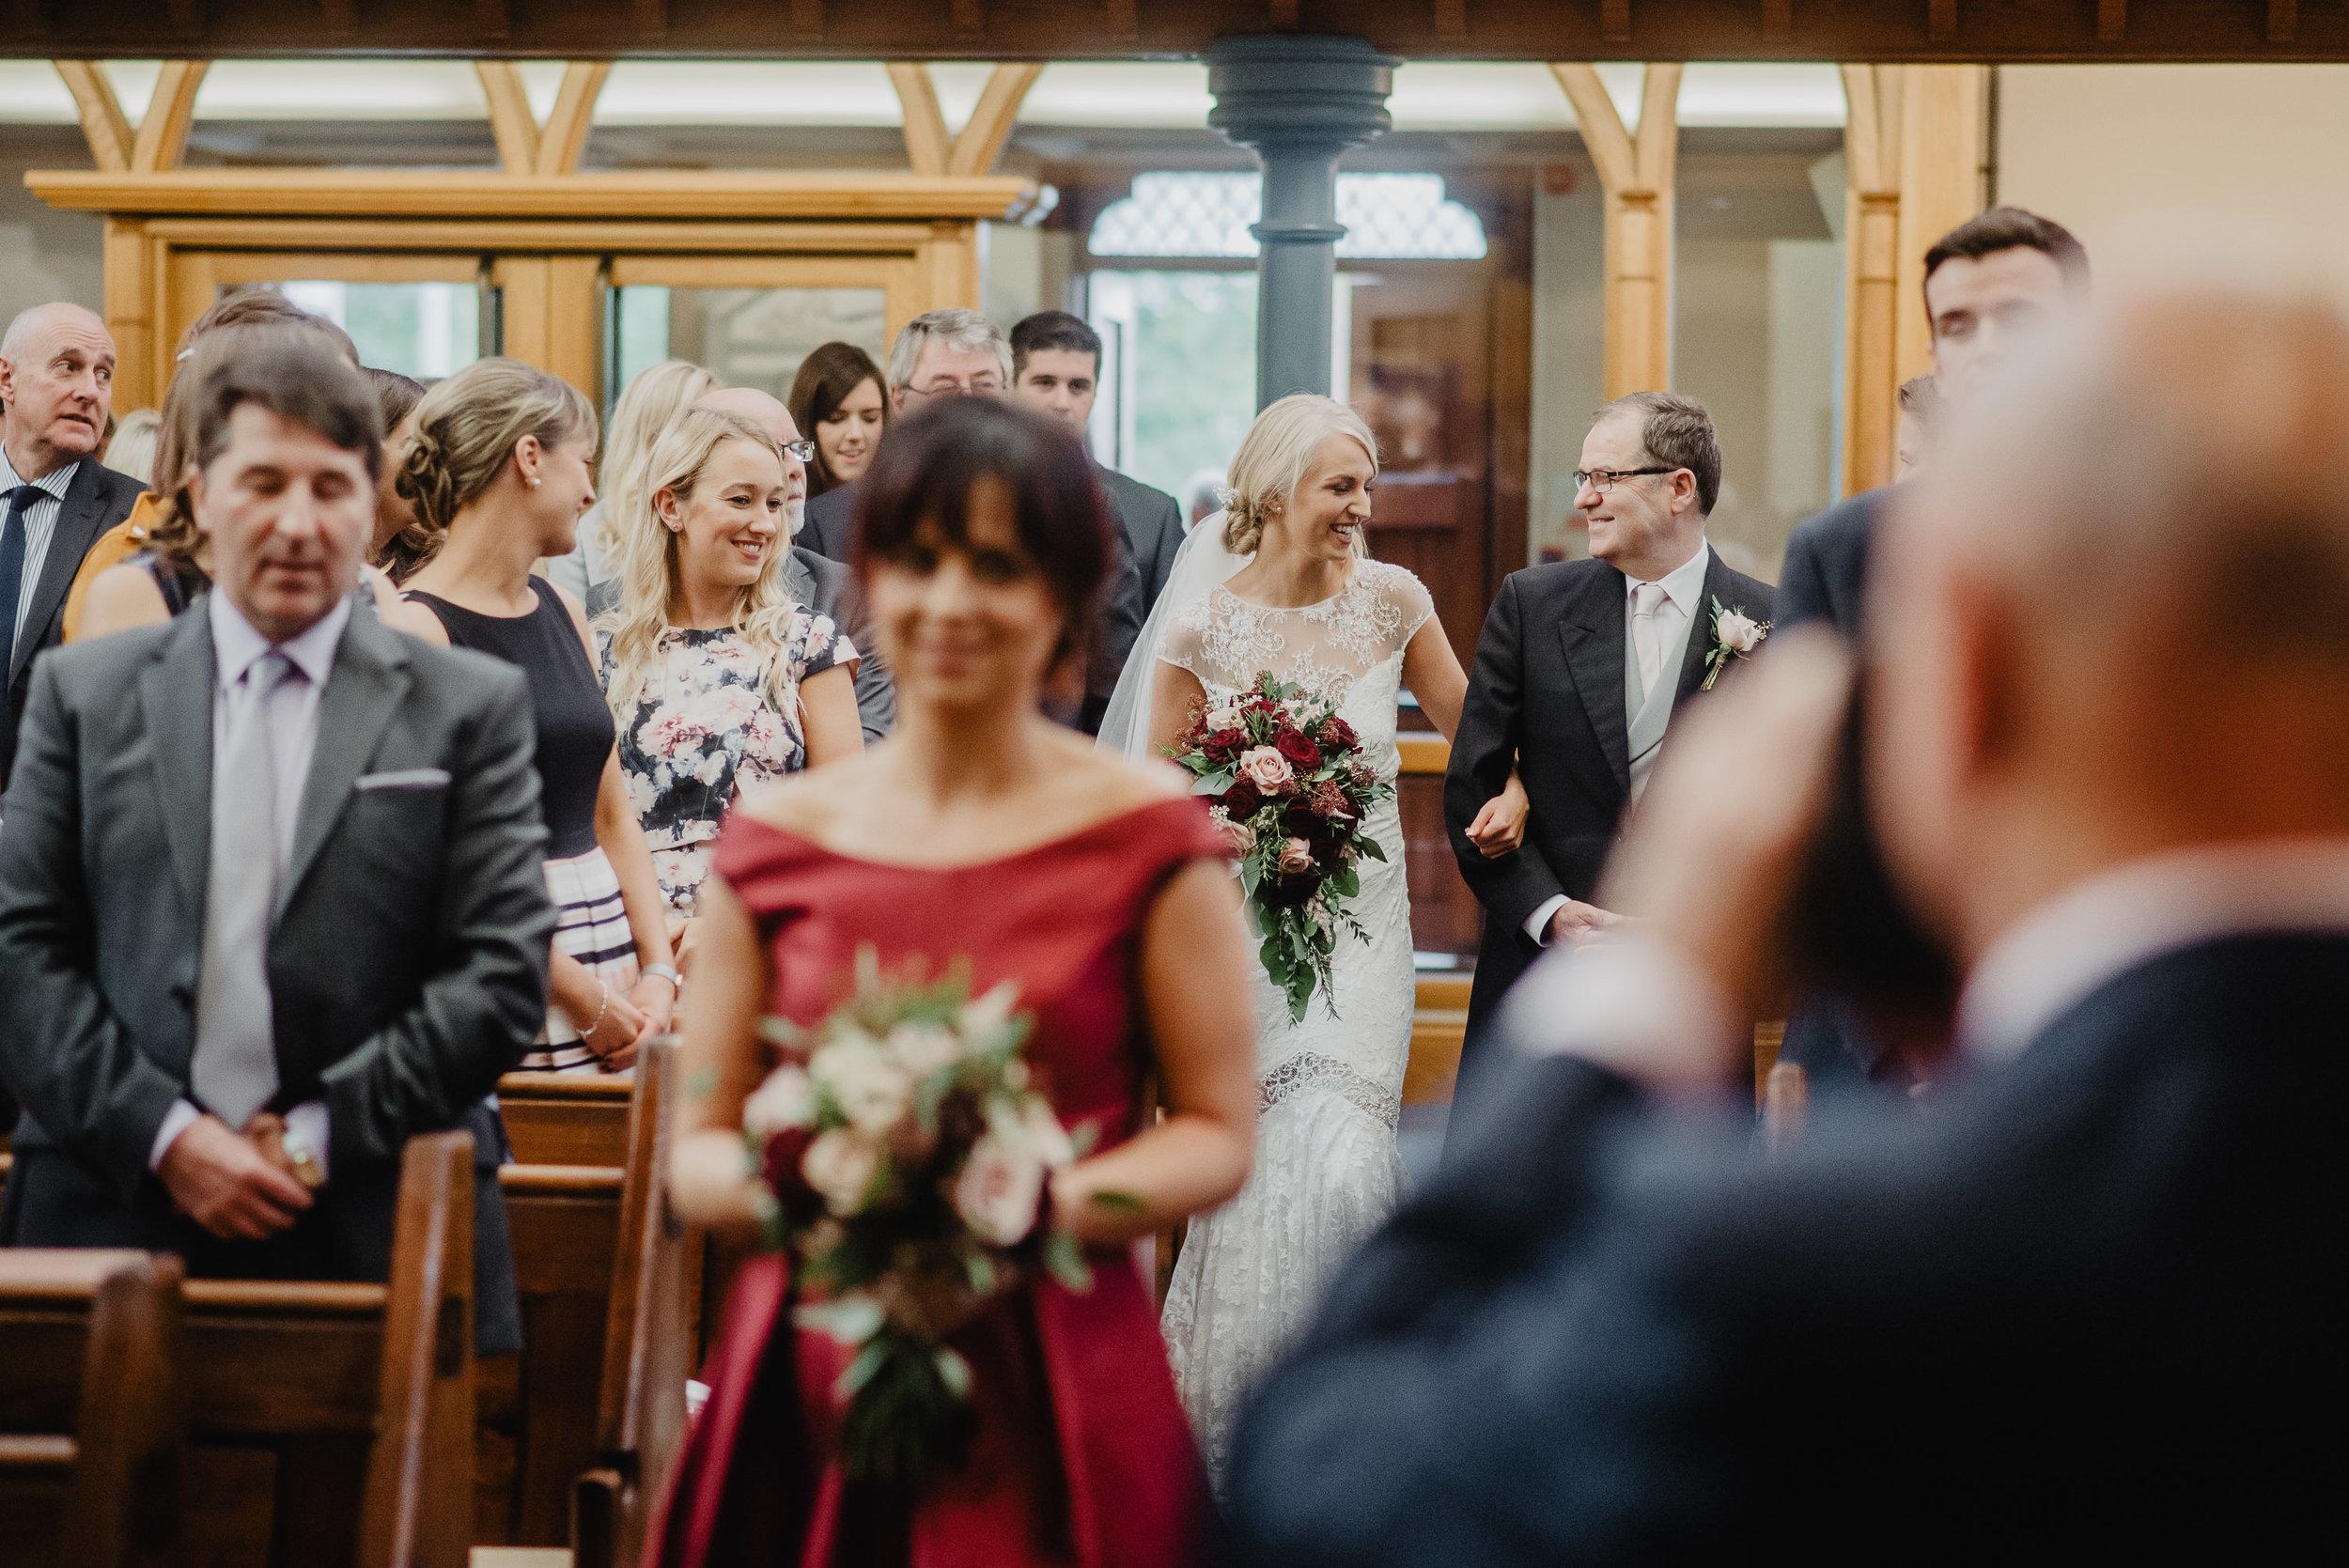 larchfield estate wedding photos-41.jpg